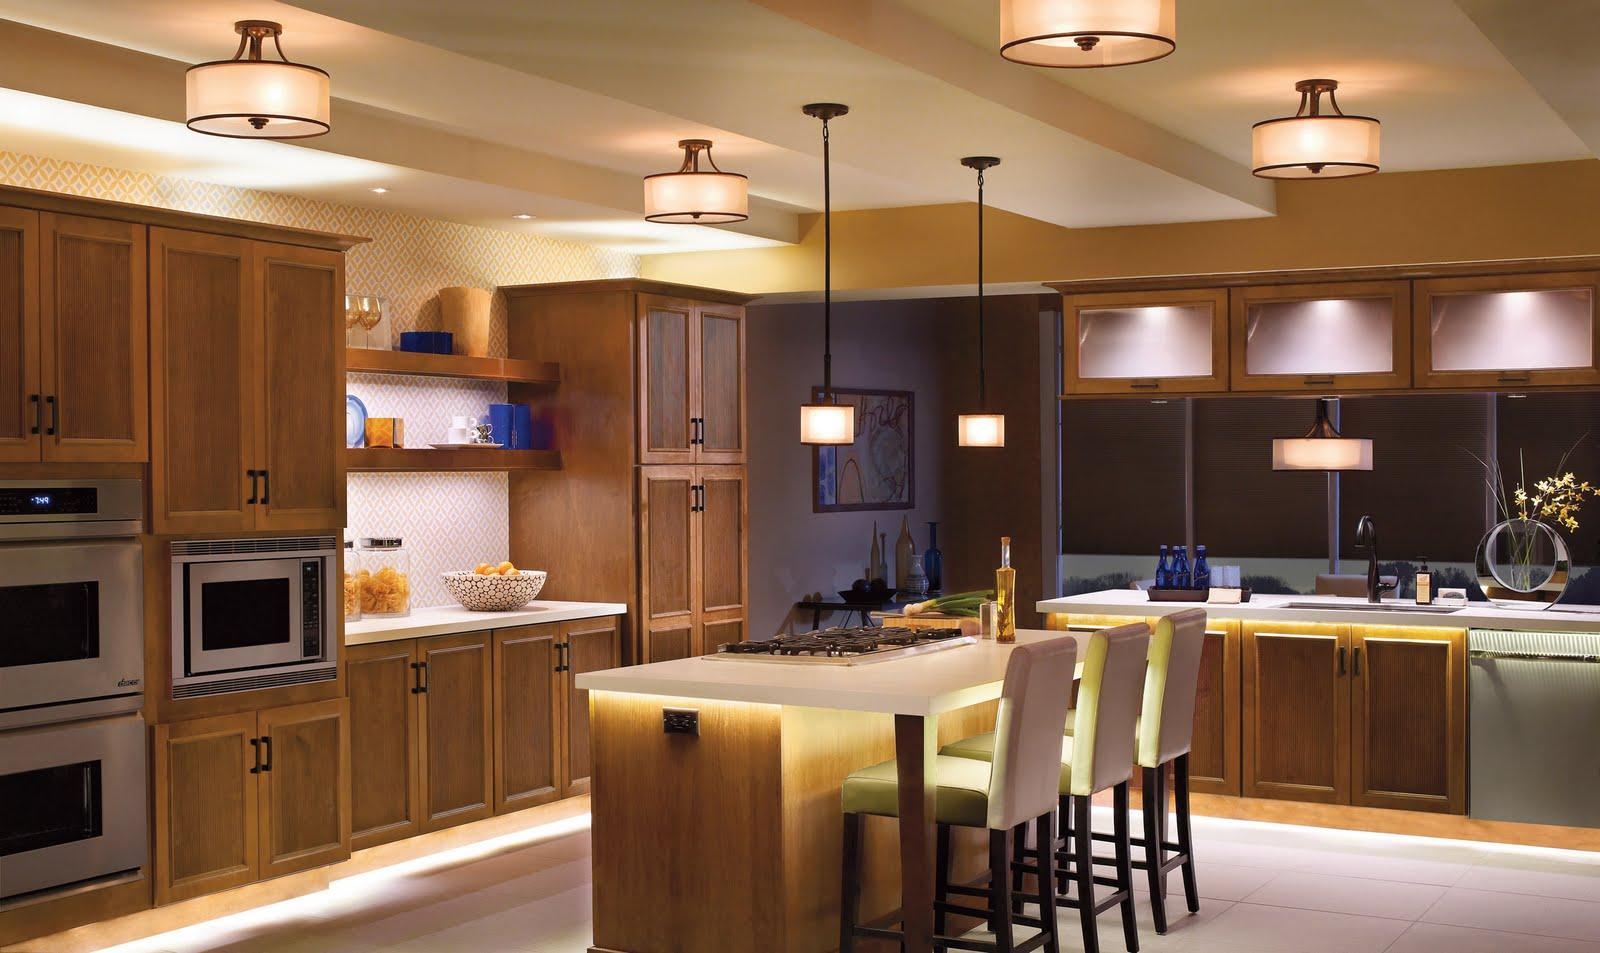 اضاءة المطبخ في المنزل العصري